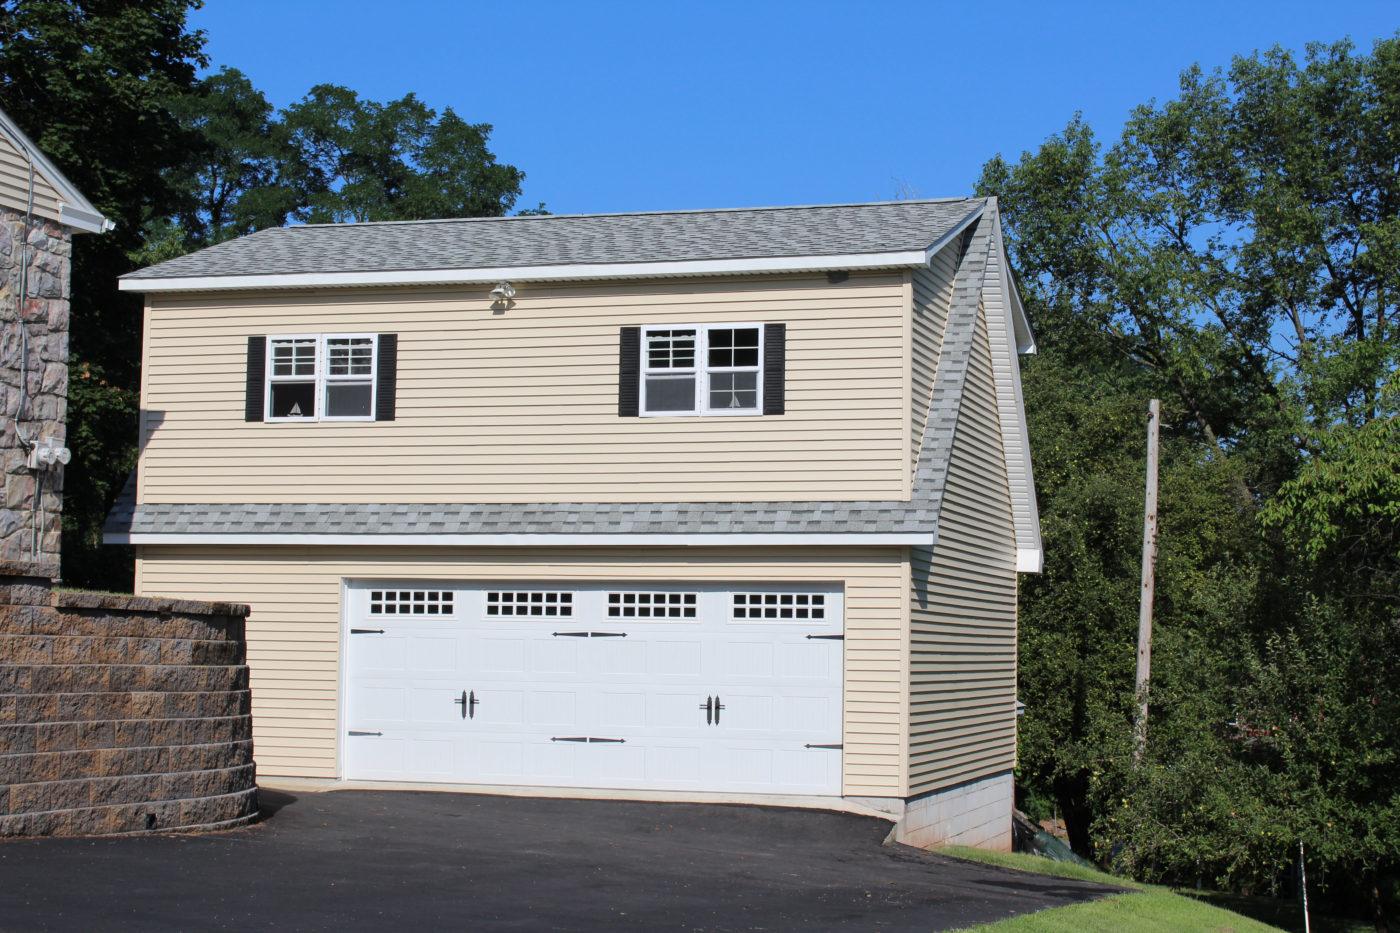 2 story 2 car garage pa ny nj